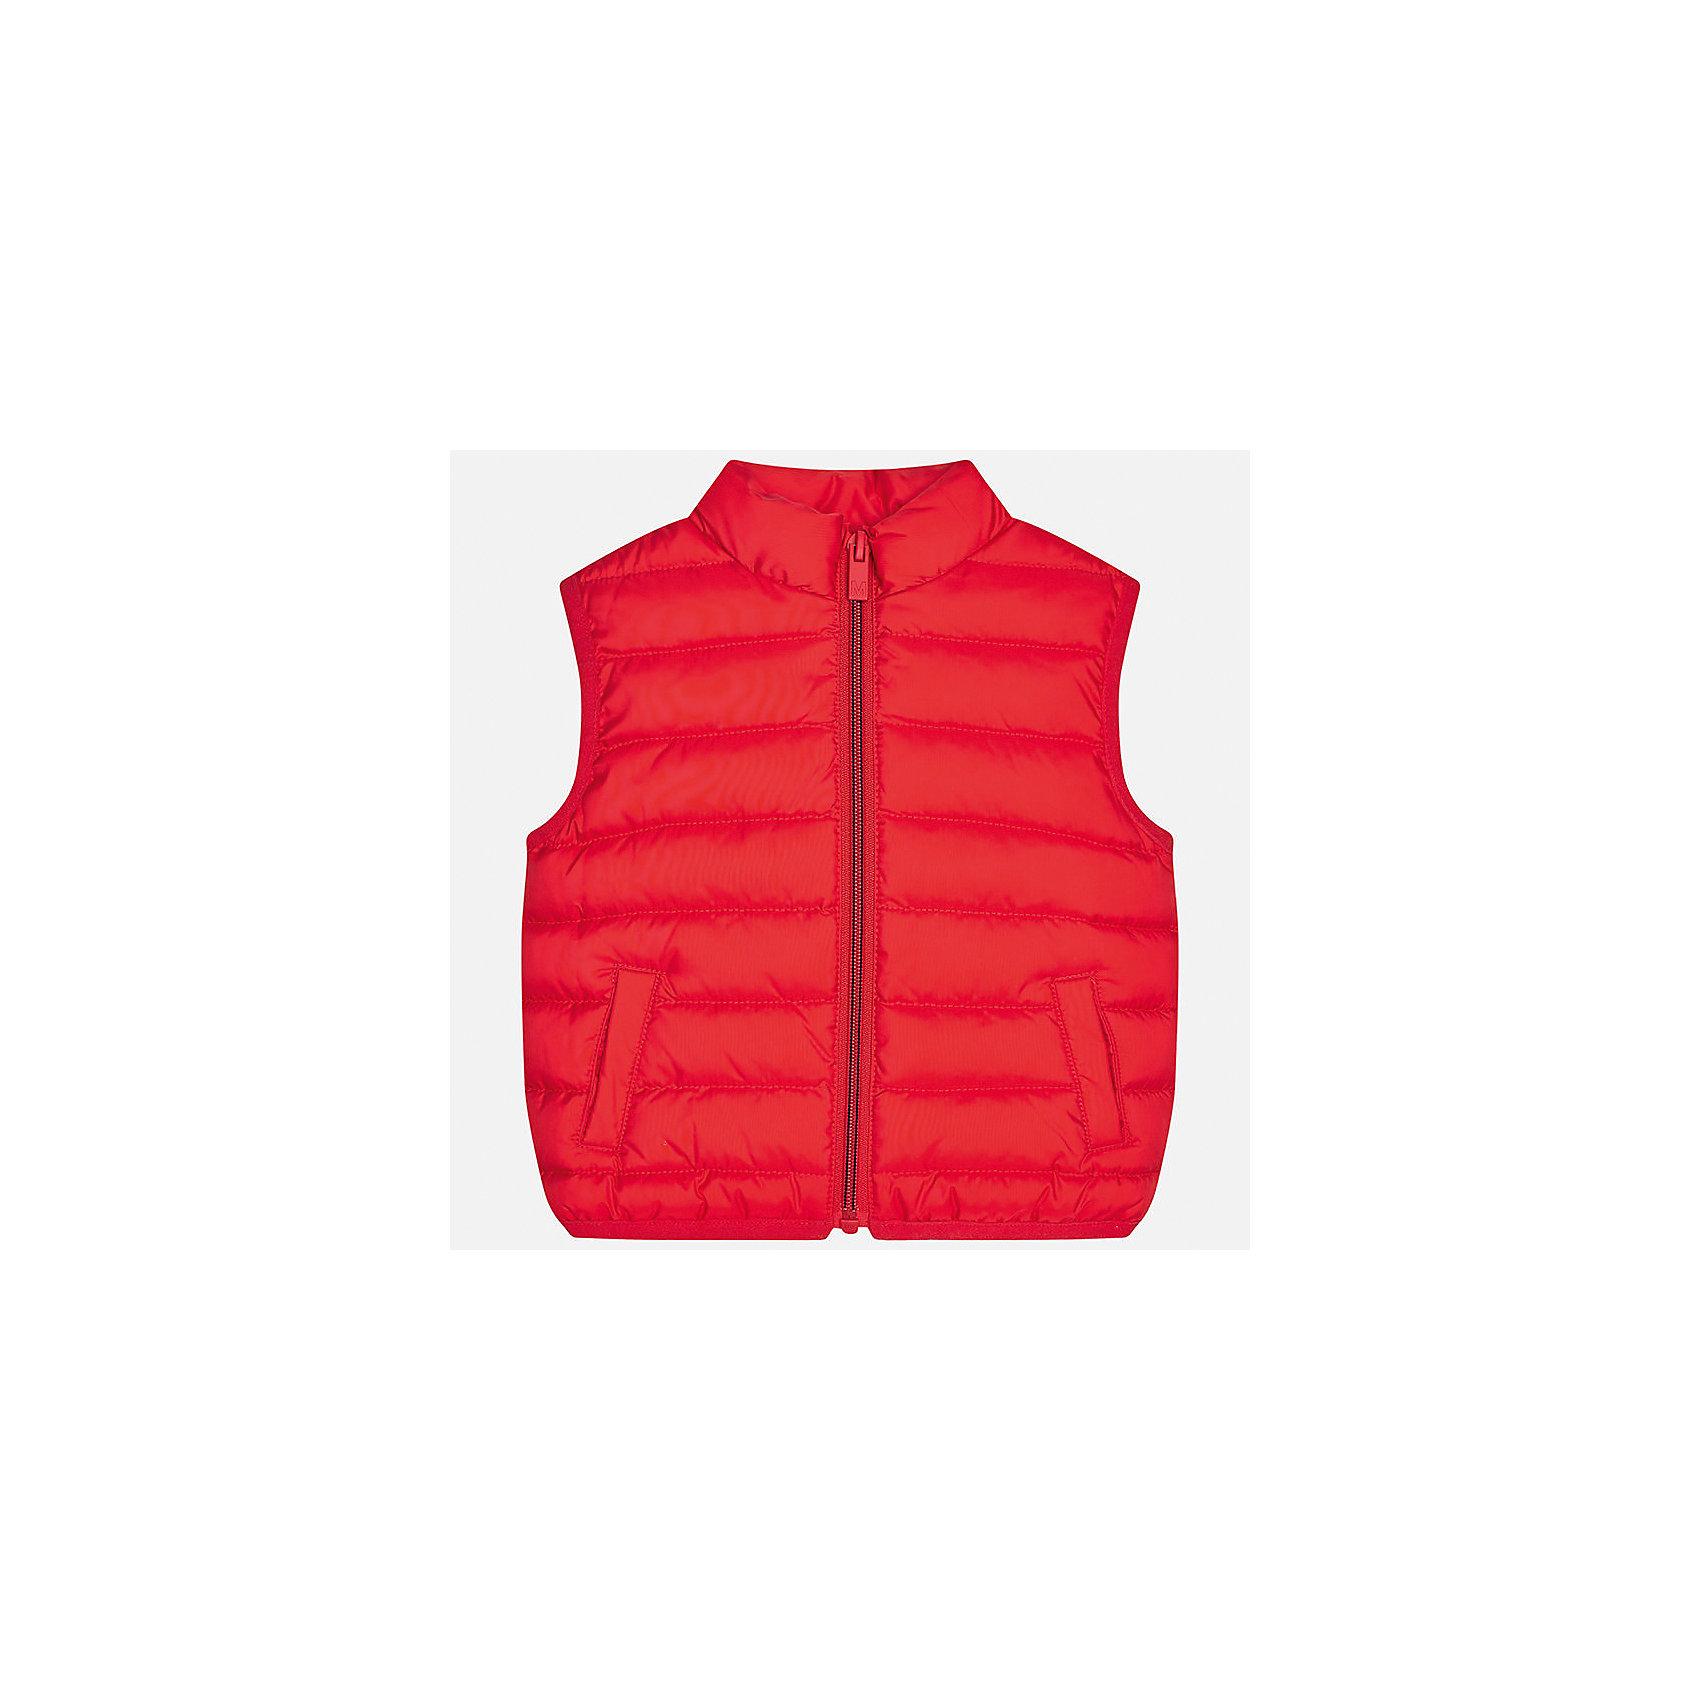 Жилет для мальчика MayoralВерхняя одежда<br>Характеристики товара:<br><br>• цвет: красный<br>• состав: 100% полиэстер<br>• температурный режим: +10°до +20°С<br>• без рукавов<br>• карманы<br>• молния <br>• воротник - стойка<br>• страна бренда: Испания<br><br>Стильный жилет для мальчика поможет разнообразить гардероб ребенка и обеспечить тепло. Он отлично сочетается и с джинсами, и с брюками. Универсальный цвет позволяет подобрать к вещи низ различных расцветок. Модное и практичное изделие.<br><br>Одежда, обувь и аксессуары от испанского бренда Mayoral полюбились детям и взрослым по всему миру. Модели этой марки - стильные и удобные. Для их производства используются только безопасные, качественные материалы и фурнитура. Порадуйте ребенка модными и красивыми вещами от Mayoral! <br><br>Жилет для мальчика от испанского бренда Mayoral (Майорал) можно купить в нашем интернет-магазине.<br><br>Ширина мм: 190<br>Глубина мм: 74<br>Высота мм: 229<br>Вес г: 236<br>Цвет: розовый<br>Возраст от месяцев: 12<br>Возраст до месяцев: 15<br>Пол: Мужской<br>Возраст: Детский<br>Размер: 80,86,92<br>SKU: 5279557